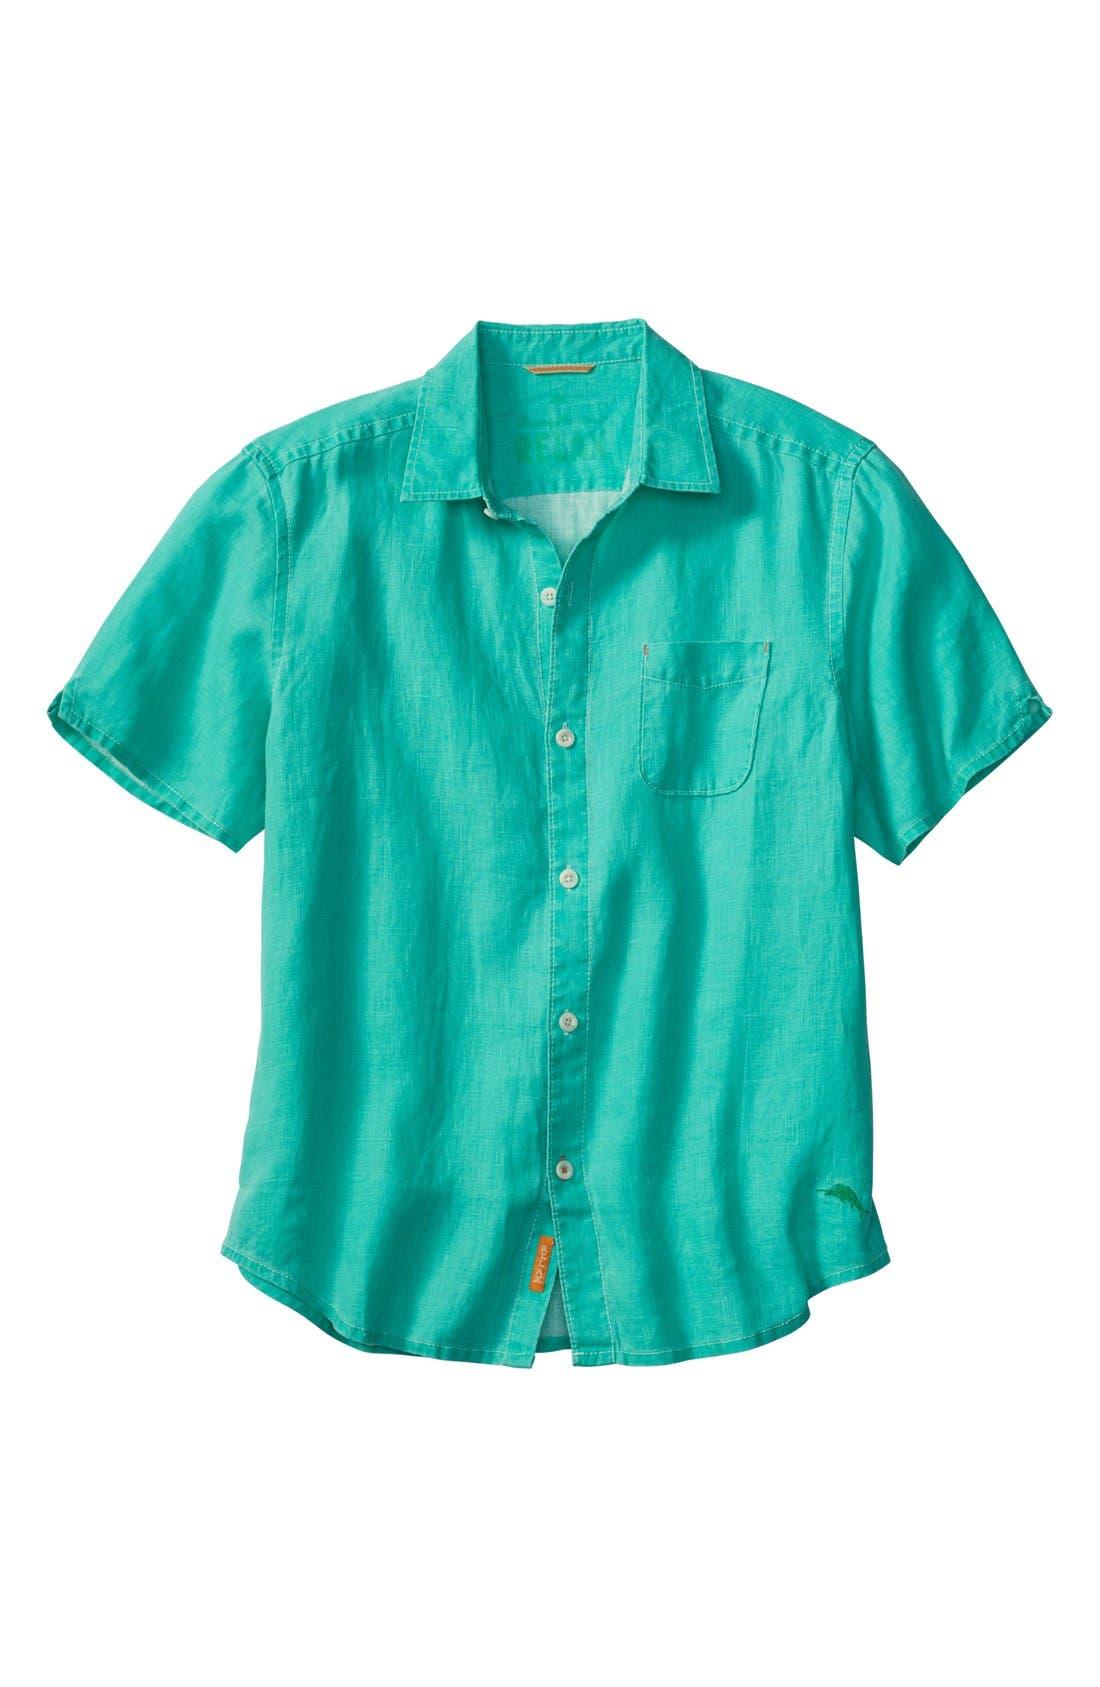 Seaglass Breezer Short Sleeve Linen Sport Shirt,                             Main thumbnail 5, color,